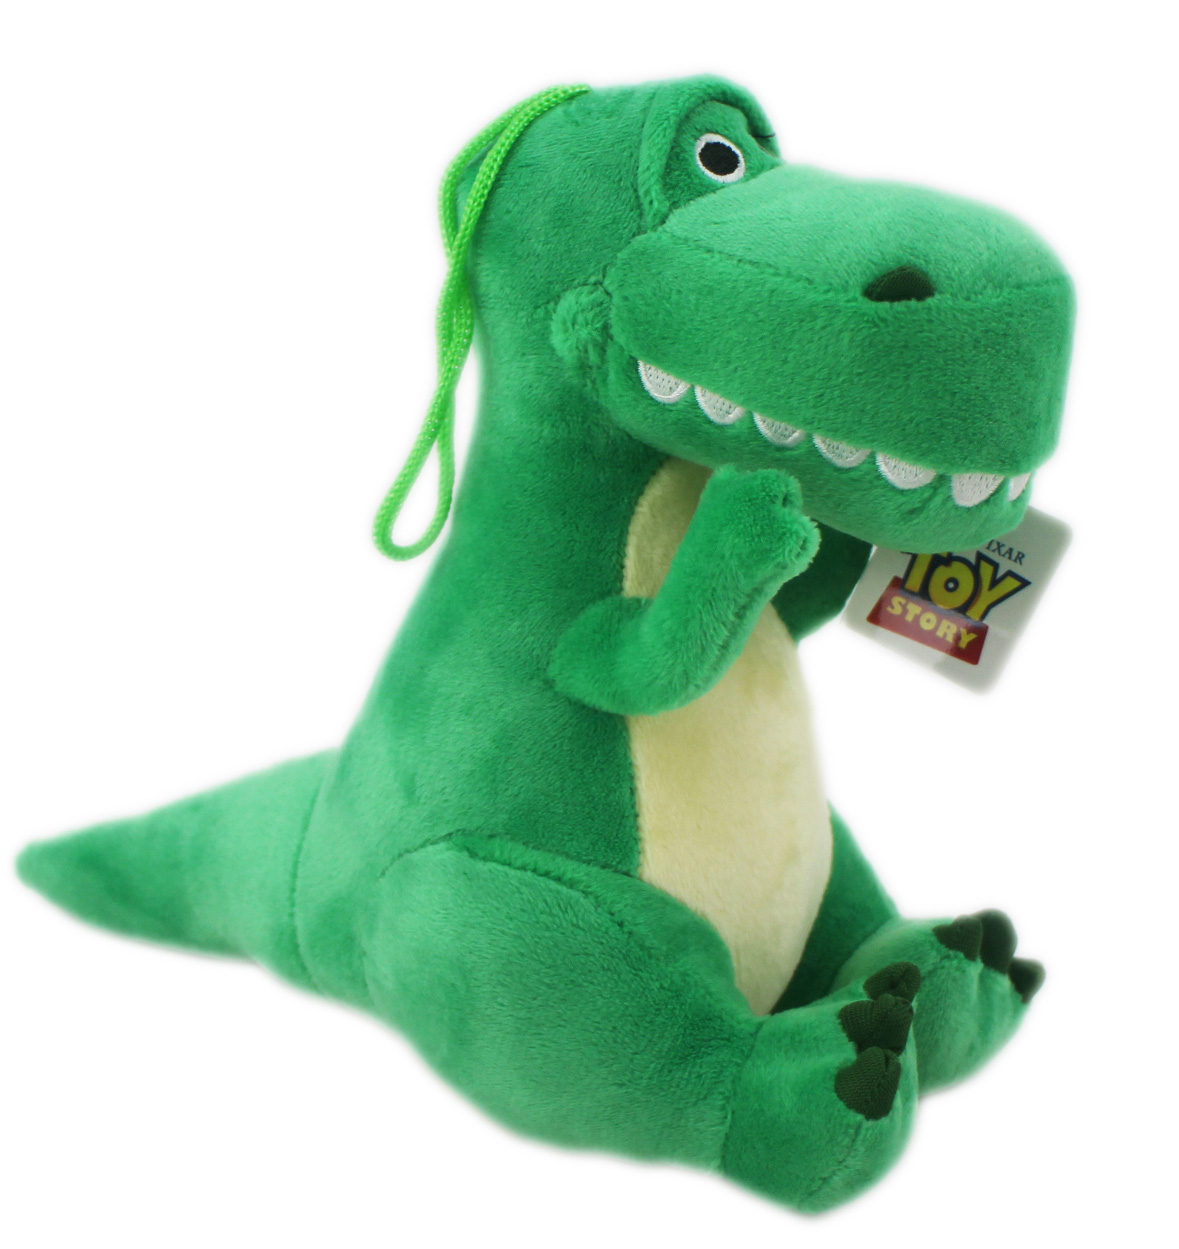 【卡漫城】 抱抱龍 玩偶 20cm 絨毛 ㊣版 Toy Story 玩具總動員 Rex 裝飾 擺飾 娃娃 布偶 恐龍 暴龍